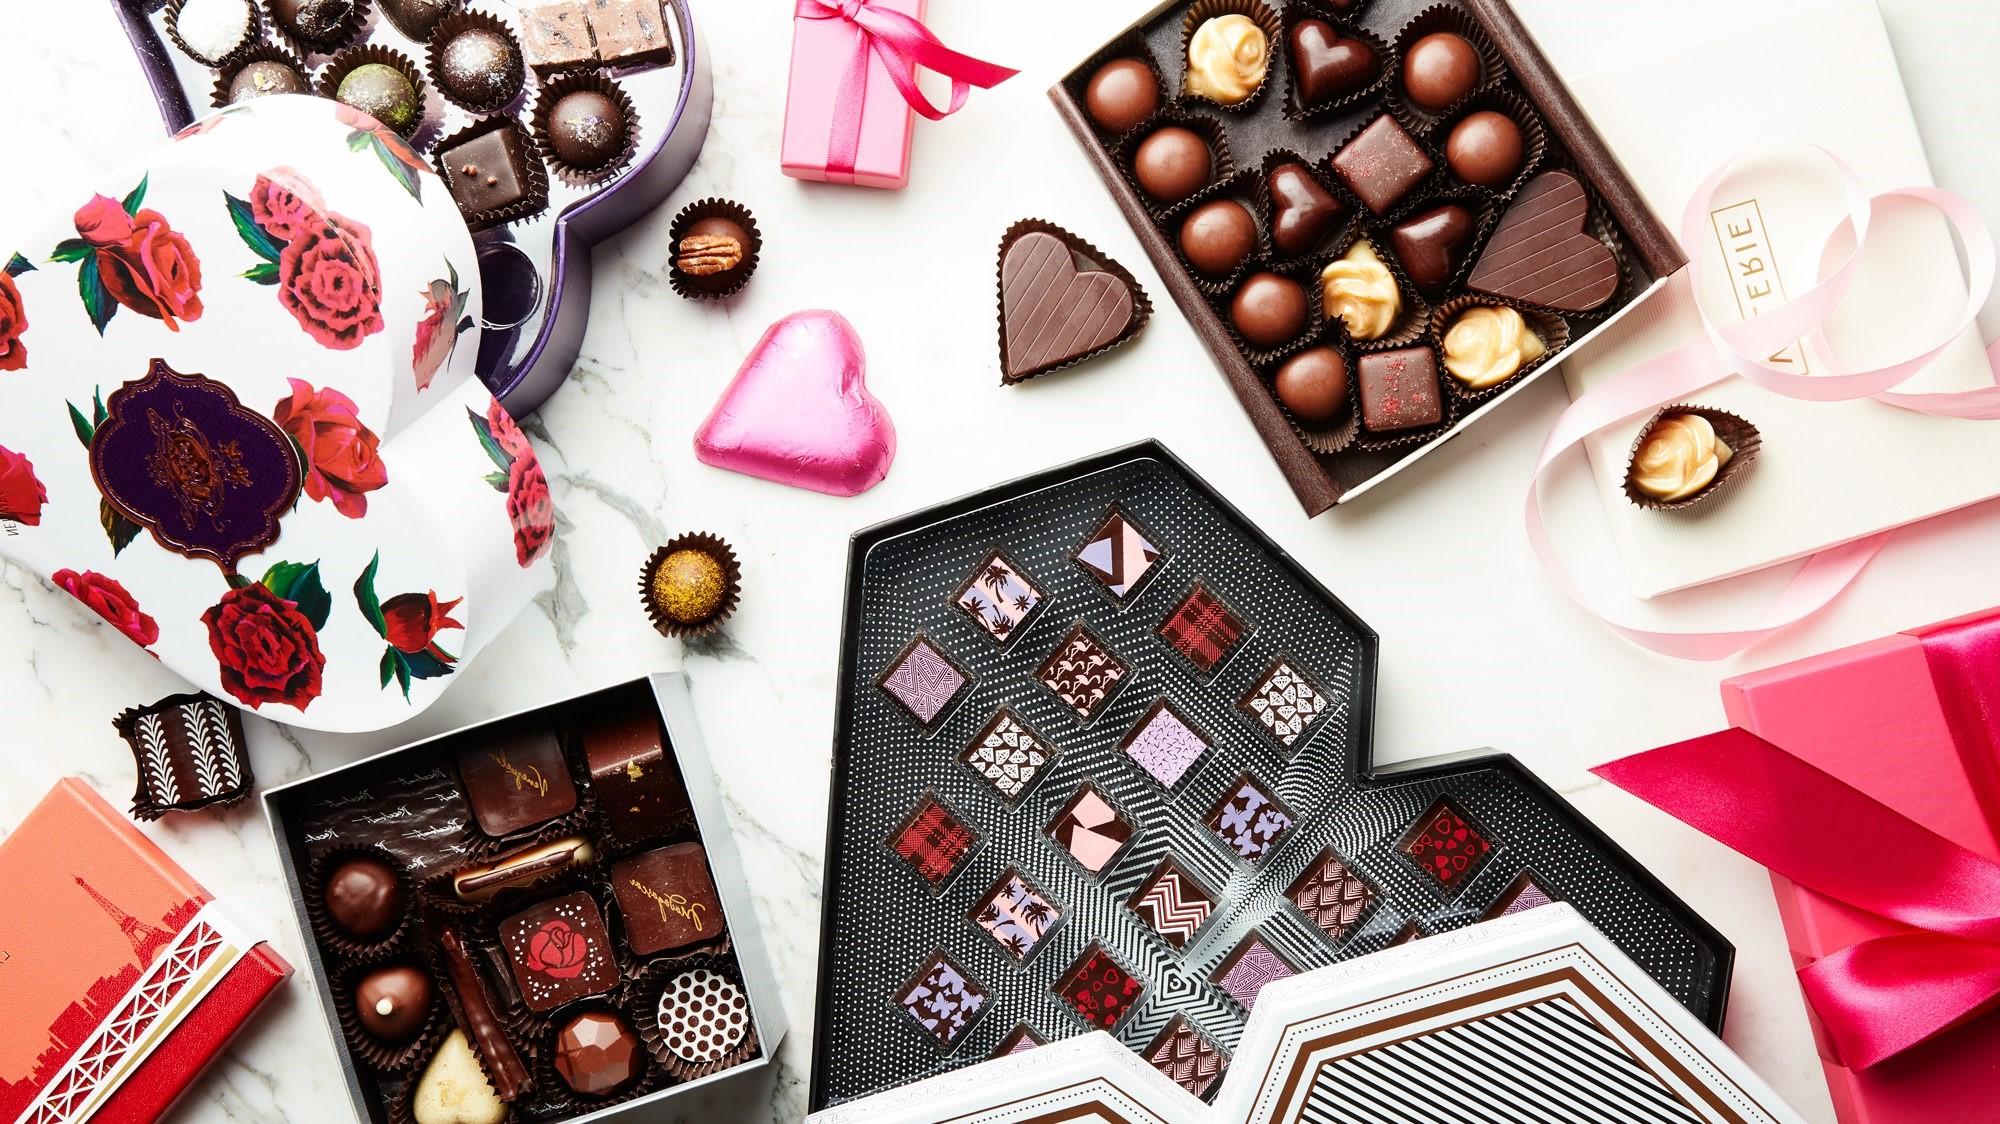 Cadeau original pour la Saint Valentin pour homme: boîte de chocolat de qualité.